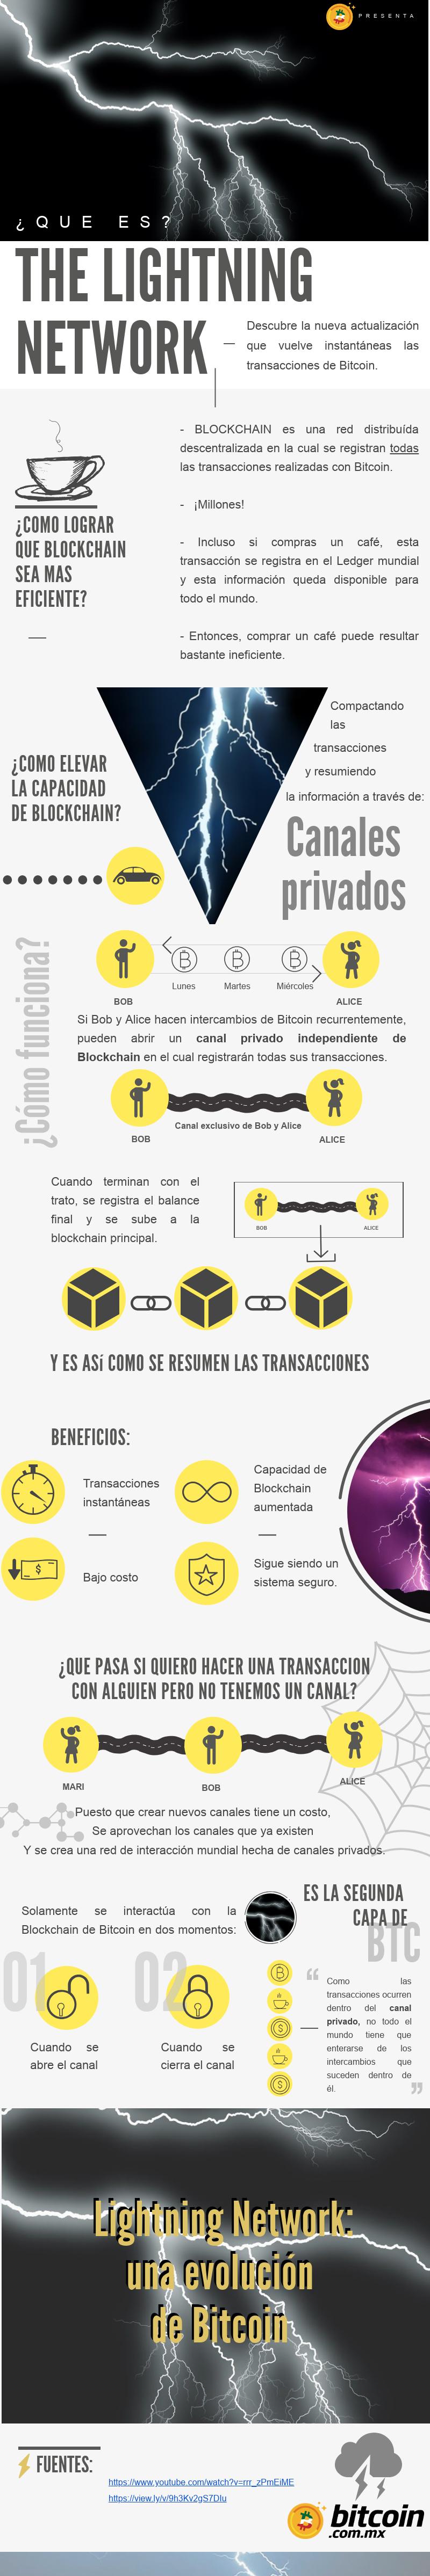 The-lightning-network